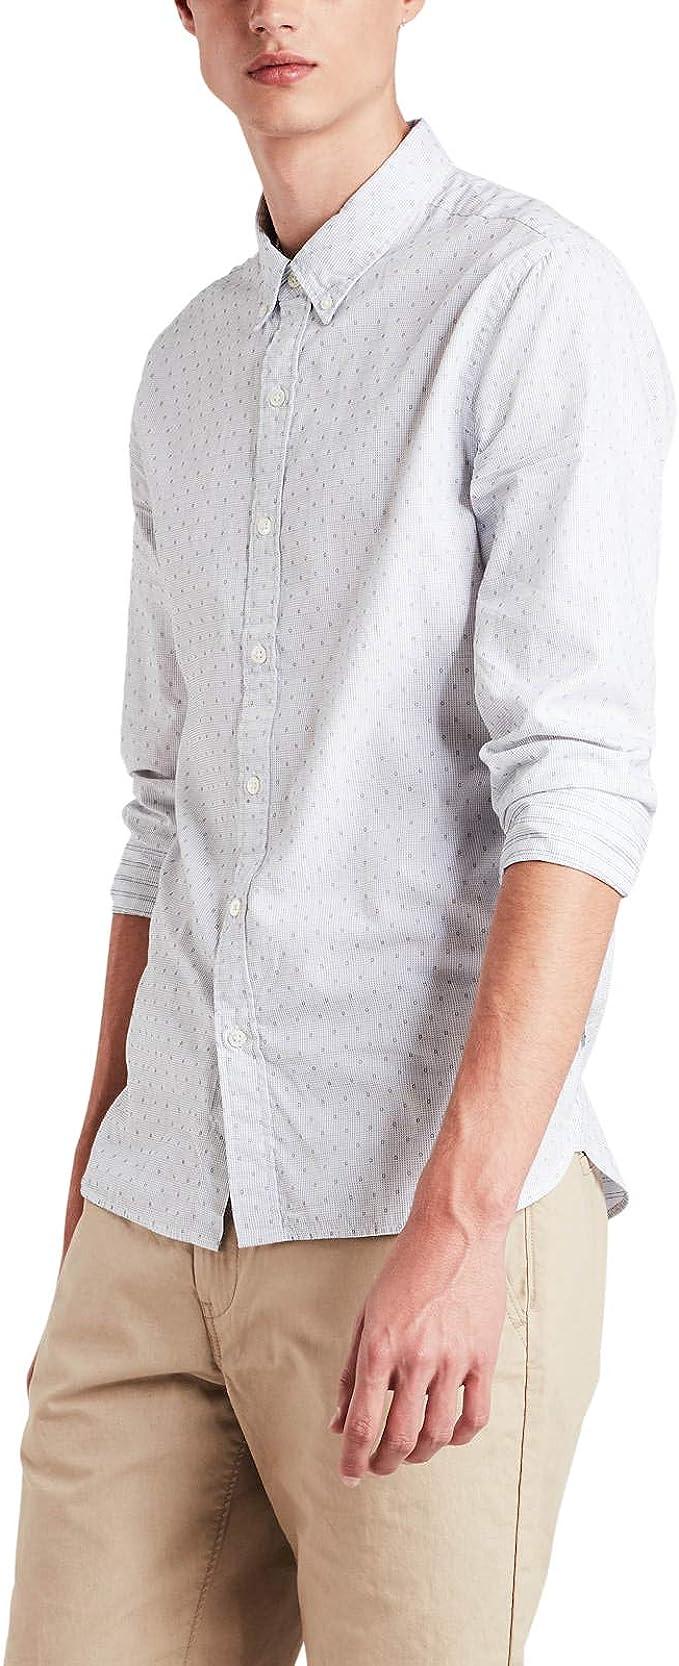 Camisa Levis Pacific Mole Blanco Hombre M Blanco: Amazon.es: Ropa y accesorios